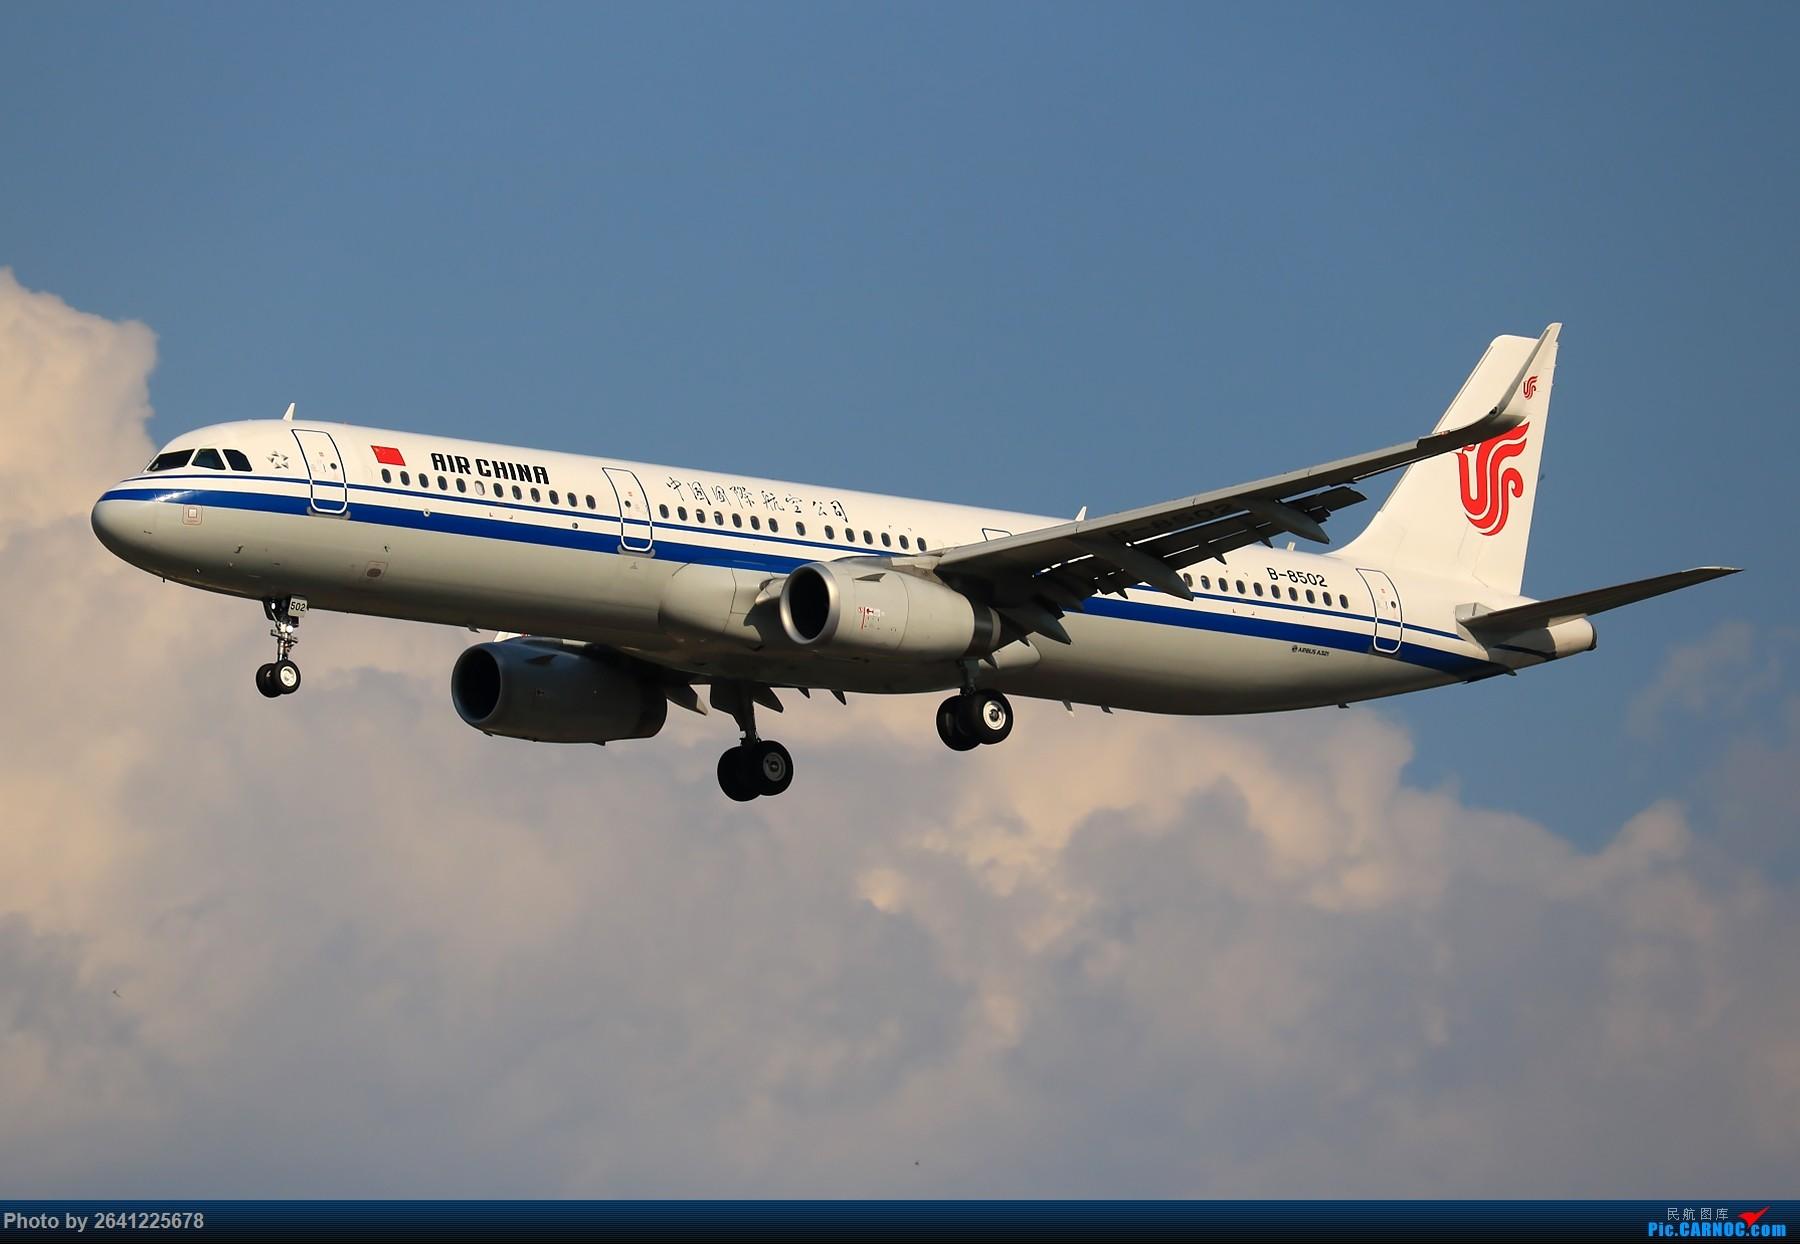 Re:[原创]【PEK】趁着水晶天去拍机(9 pics) AIRBUS A321-200 B-8502 中国北京首都国际机场